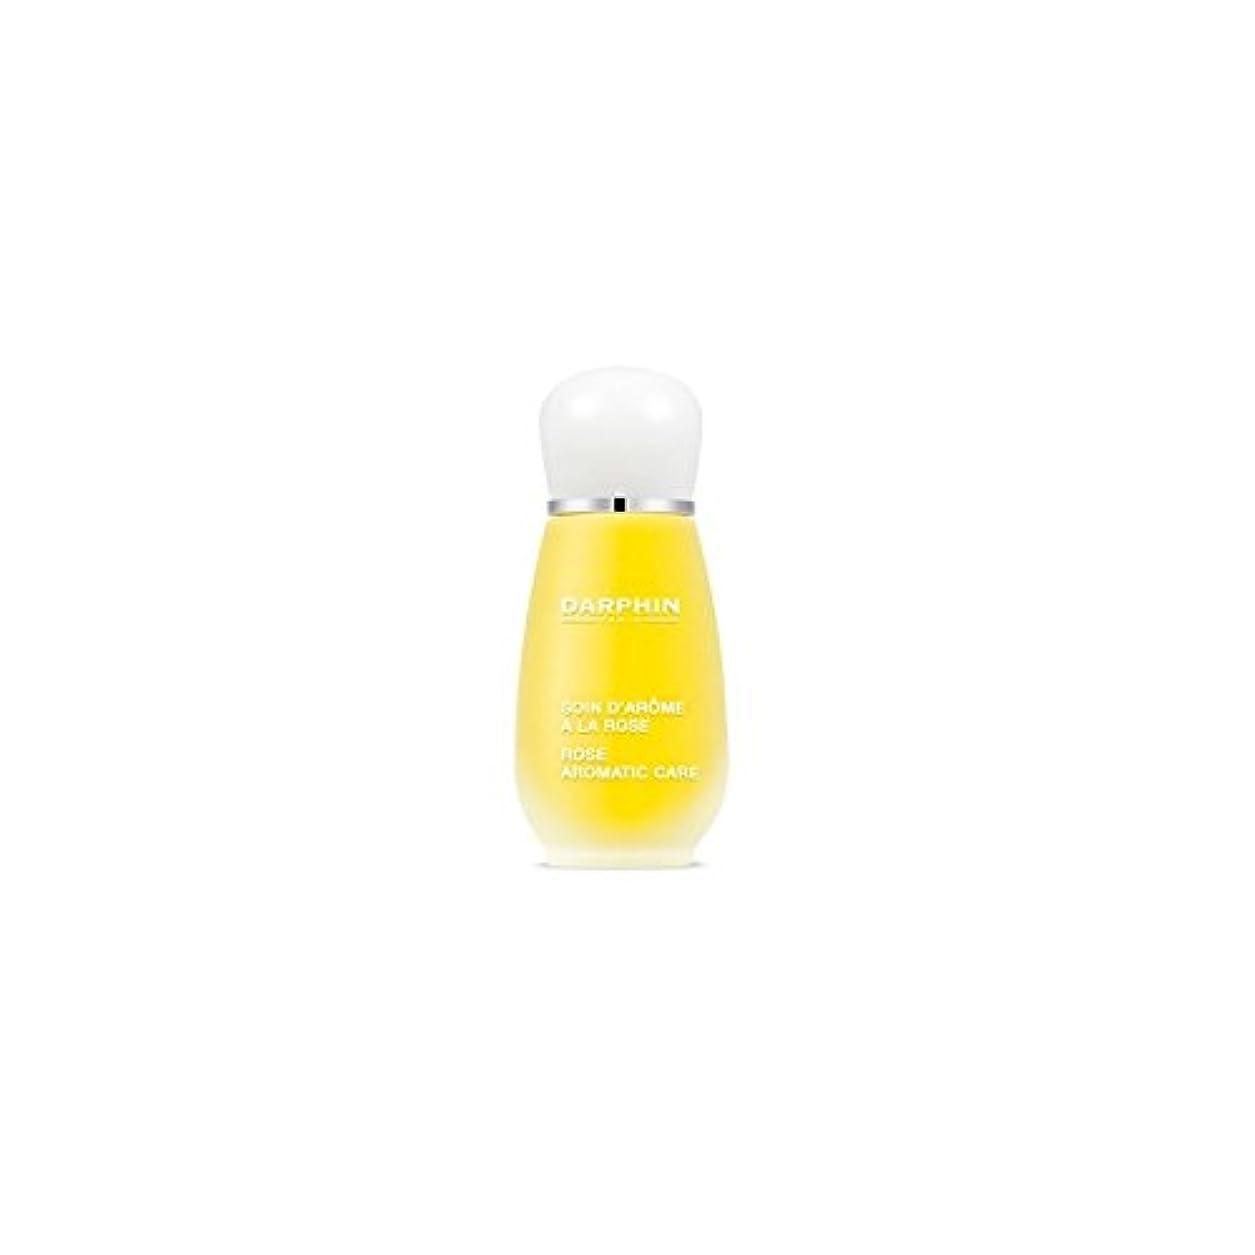 直感無駄だ幼児Darphin Rose Aromatic Care (15ml) - 芳香ケア(15ミリリットル)をバラダルファン [並行輸入品]